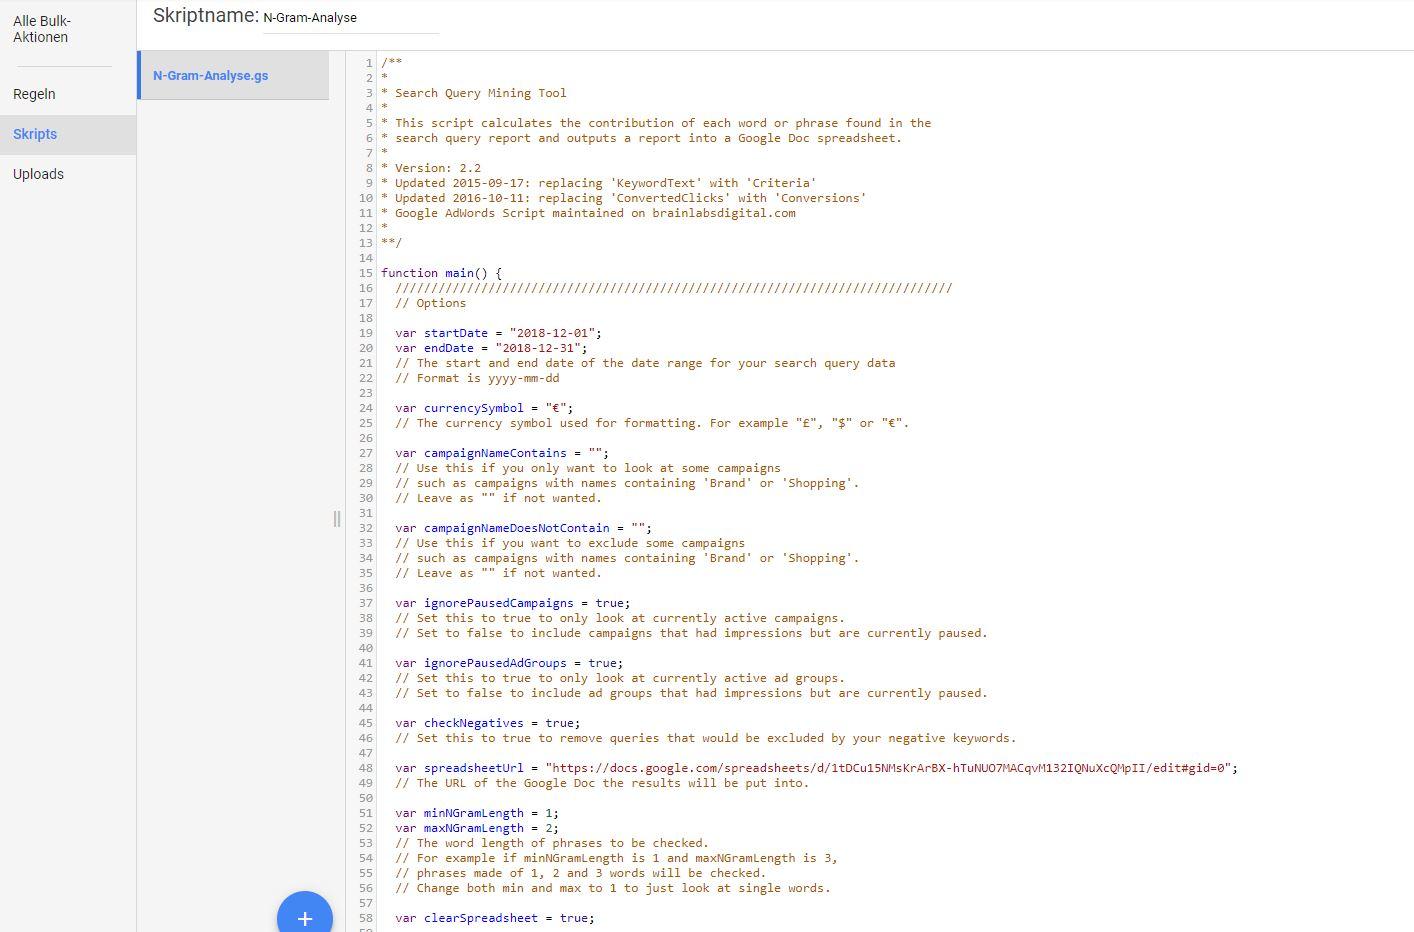 N-Gram-Analyse AdWords Script